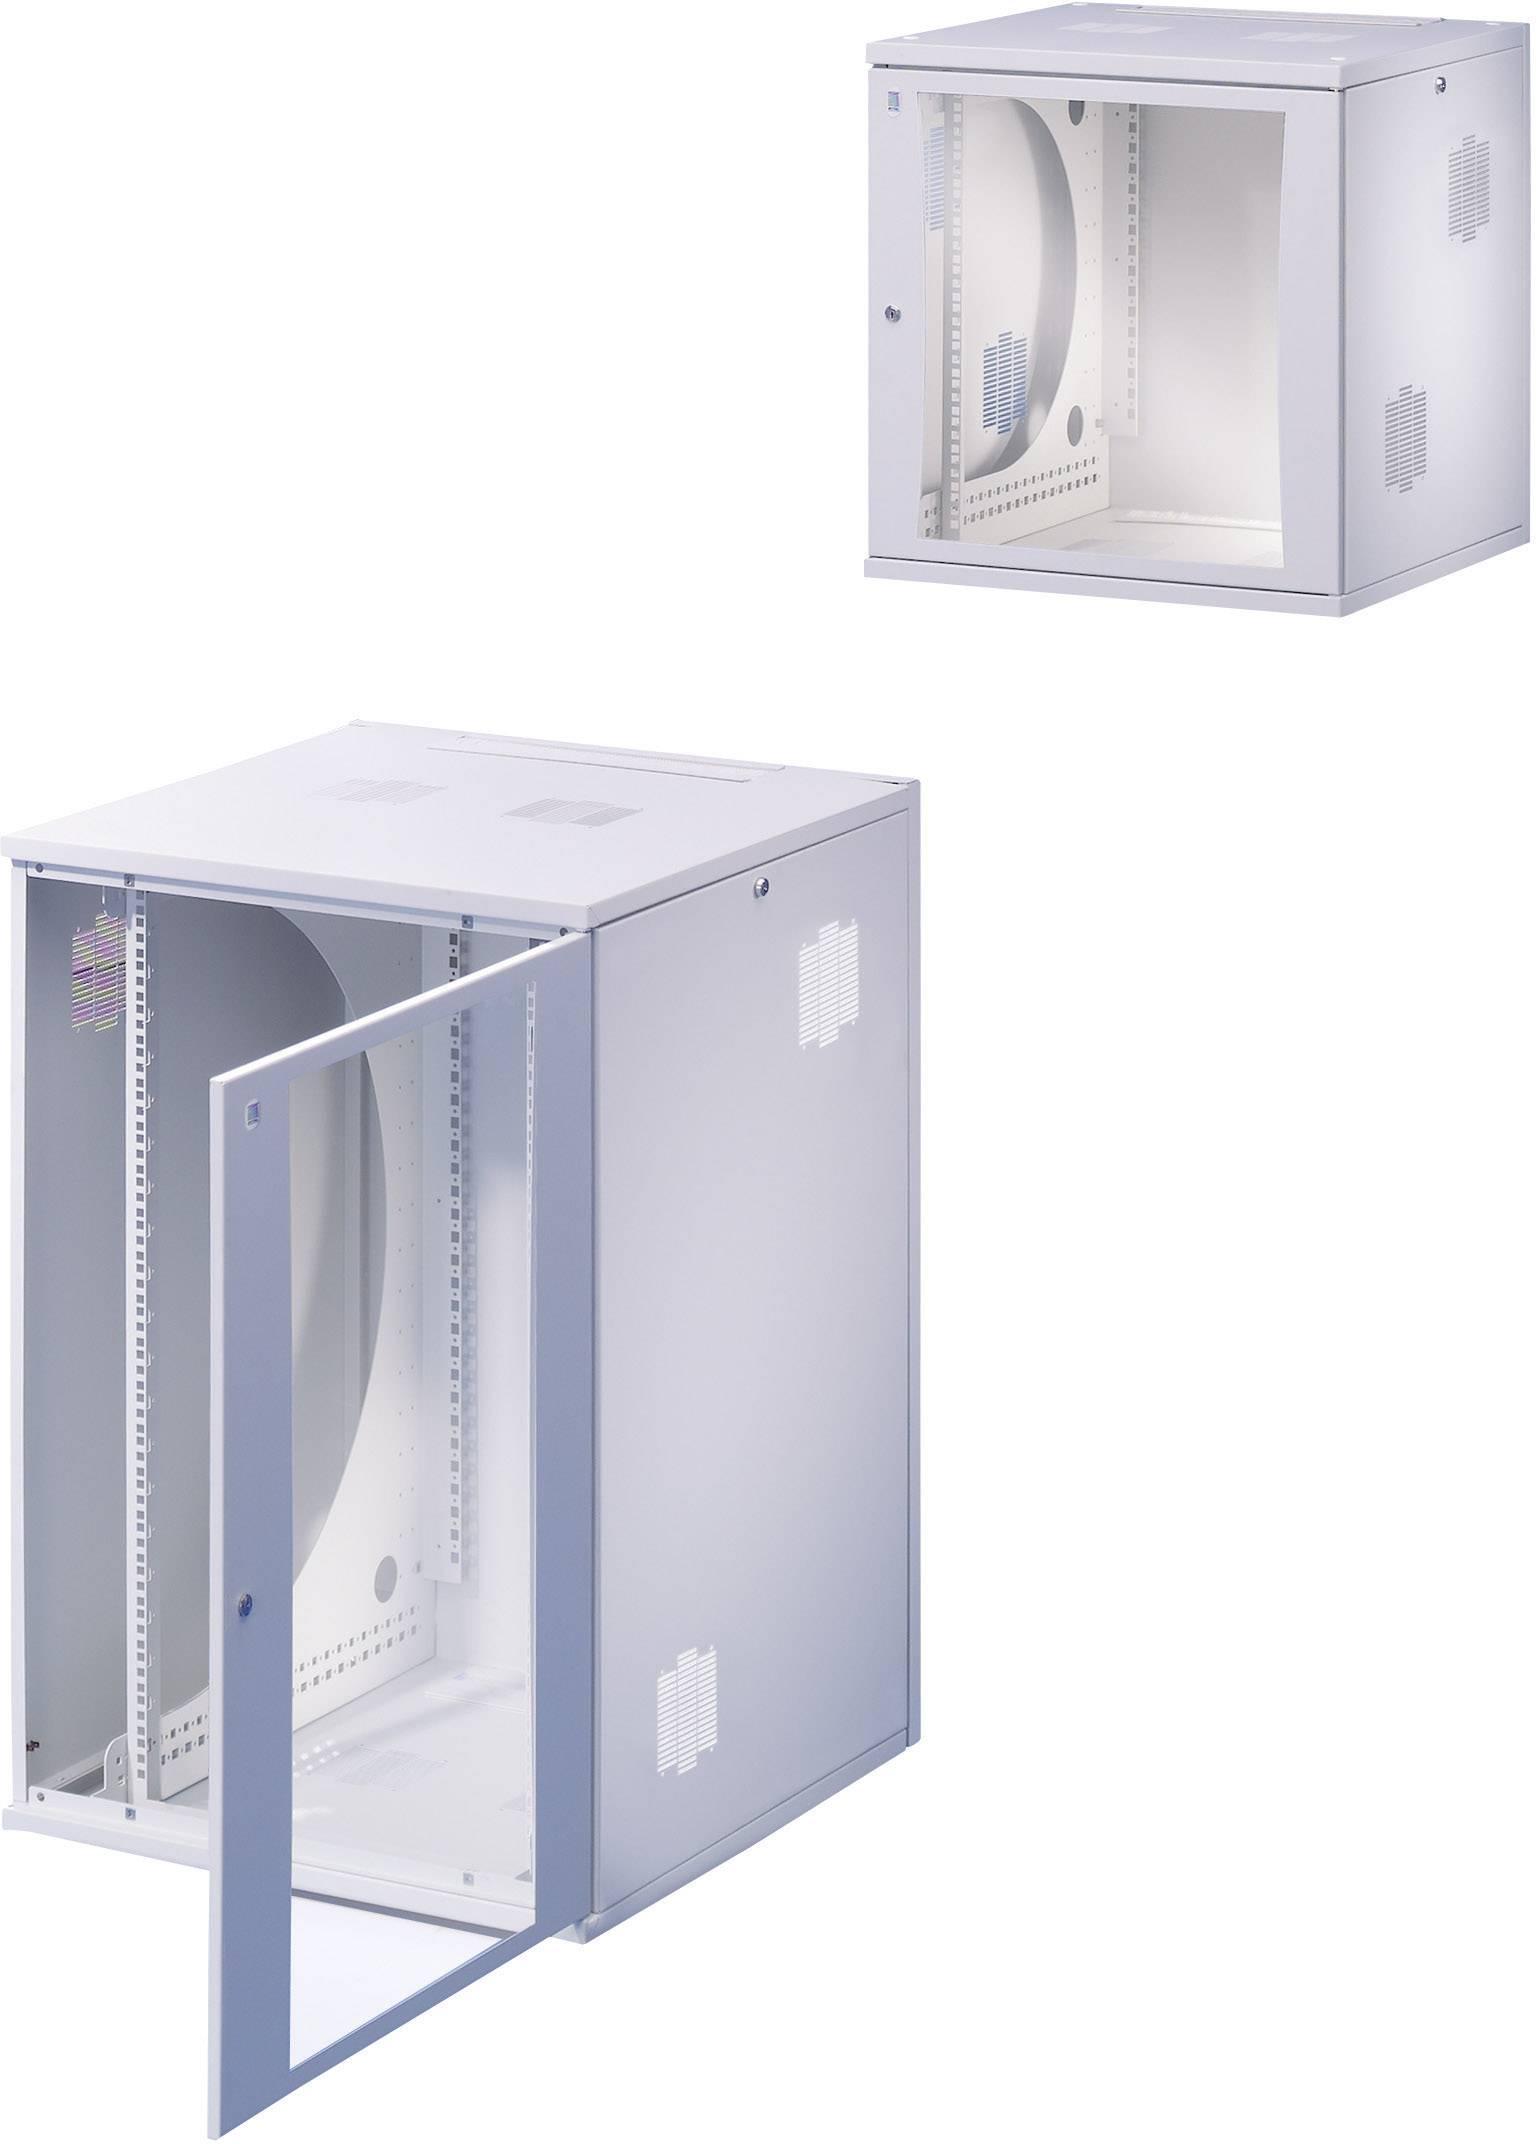 Síťová zařízení - instalace